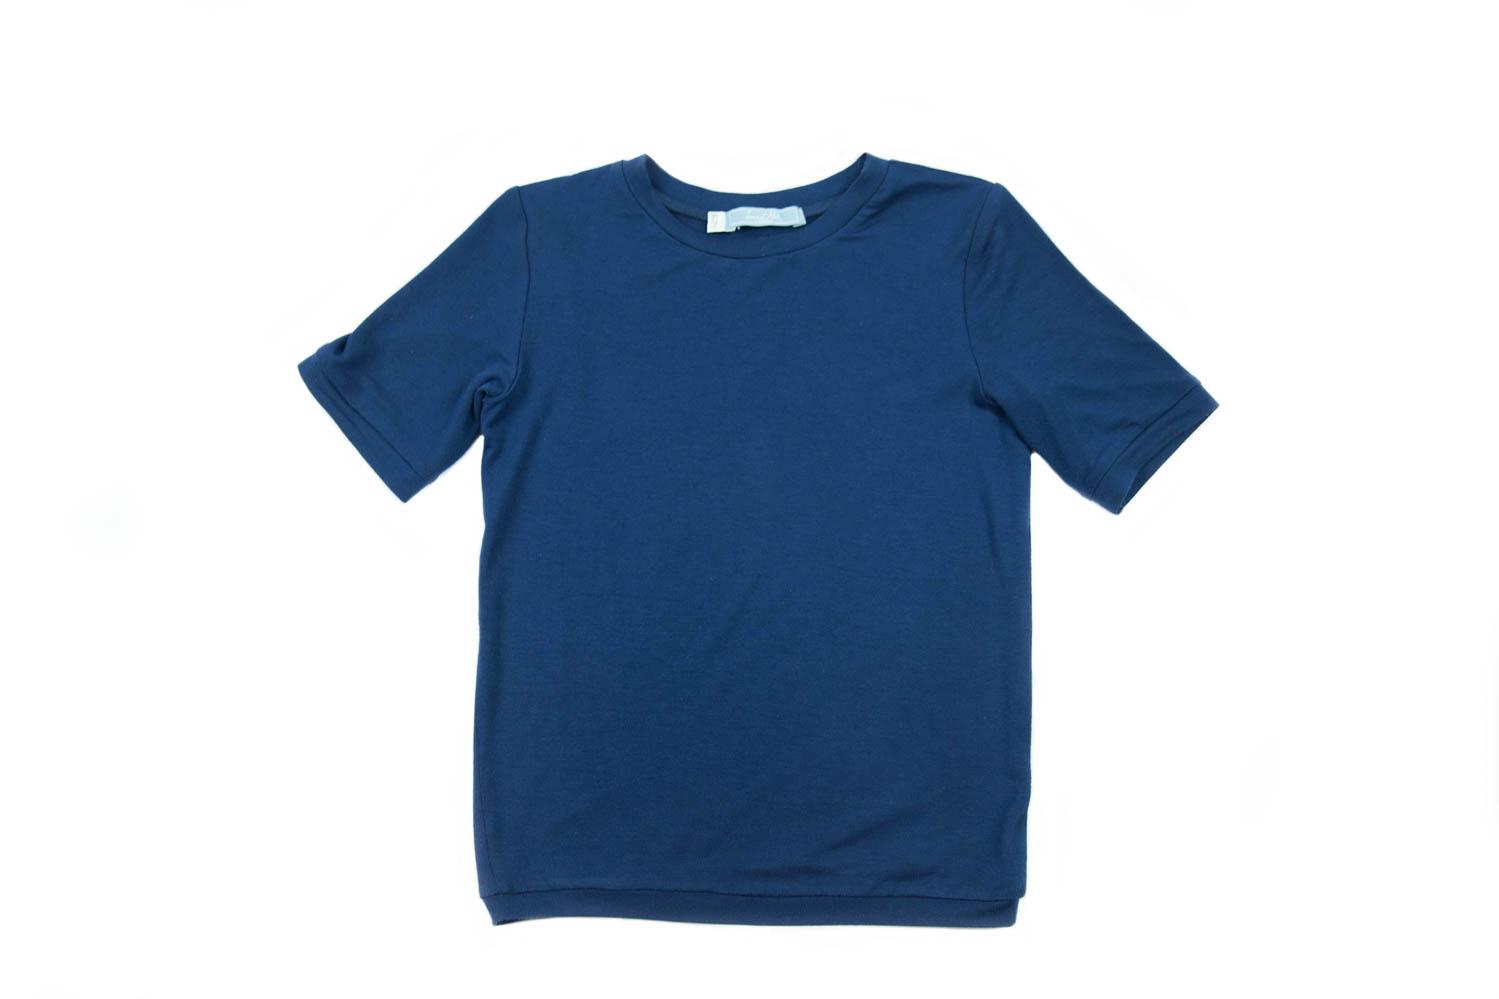 smart_alek-product-jersey_top-blue-02.jpg